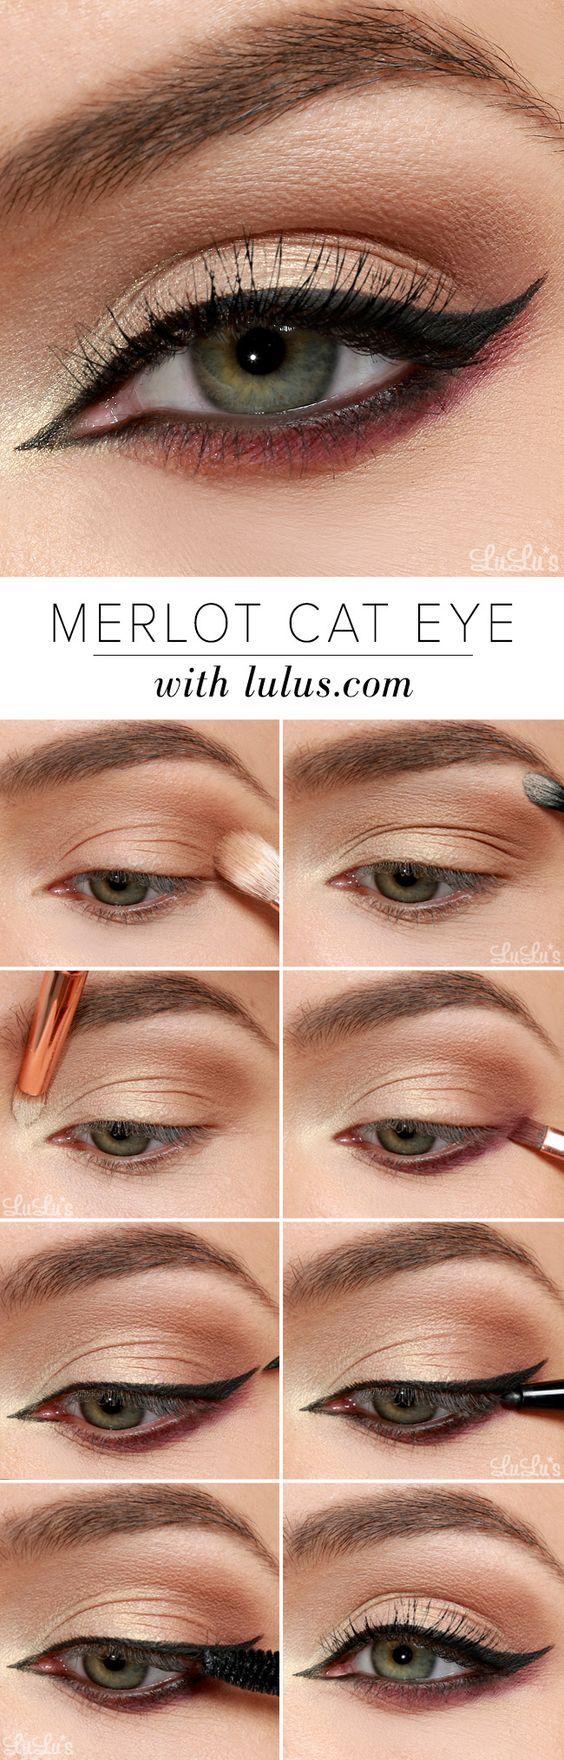 使用我们的美乐猫眼部彩妆教程,添加彩色趣味流行色,让您的有翼猫眼焕然一新!购买我们最喜爱的产品和更多!